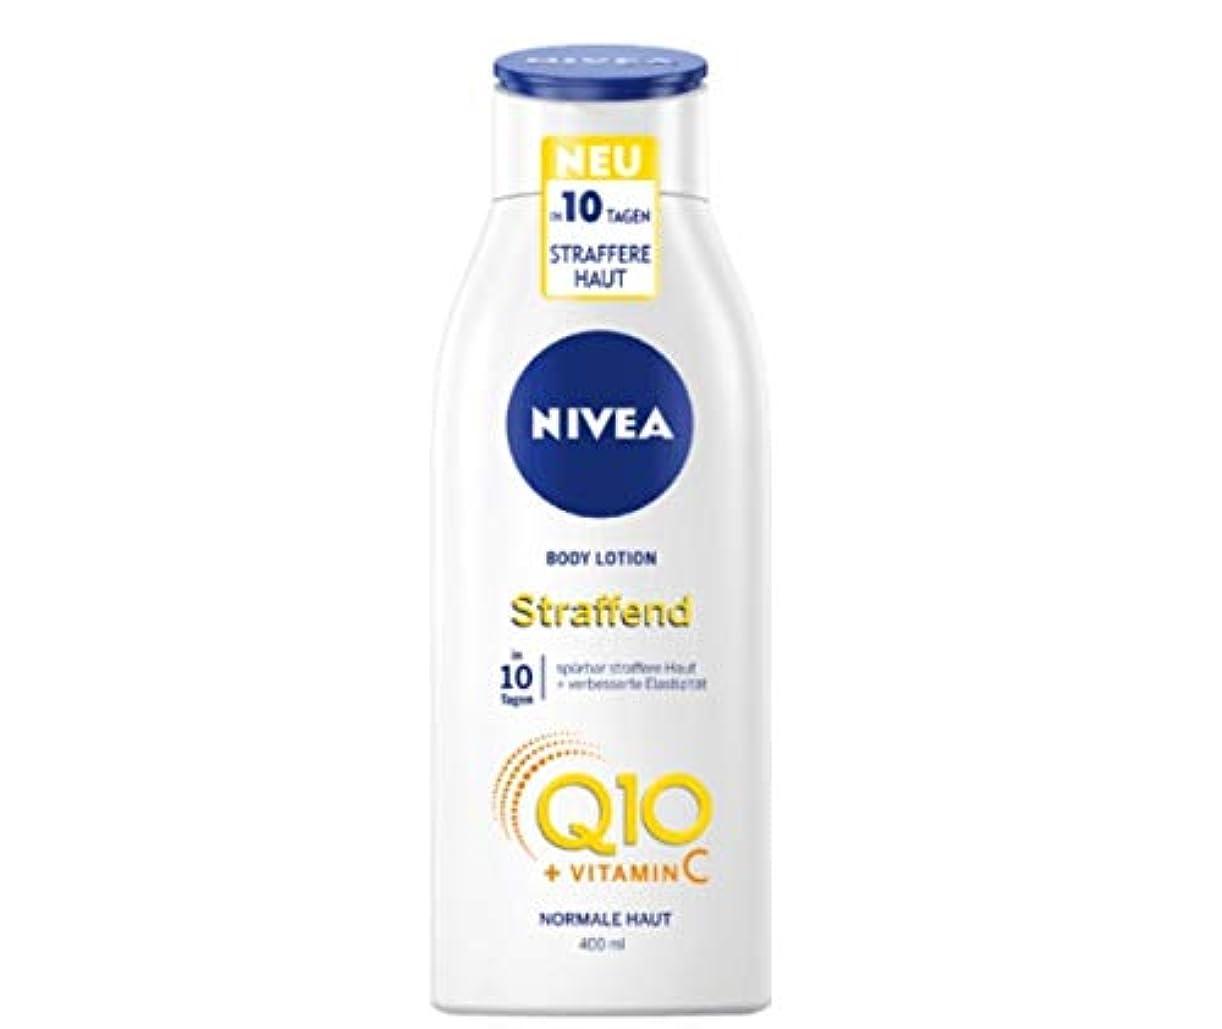 疼痛暗記する嘆くニベア Nivea Q10 ビタミンC ボディーローション 400ml [並行輸入品]